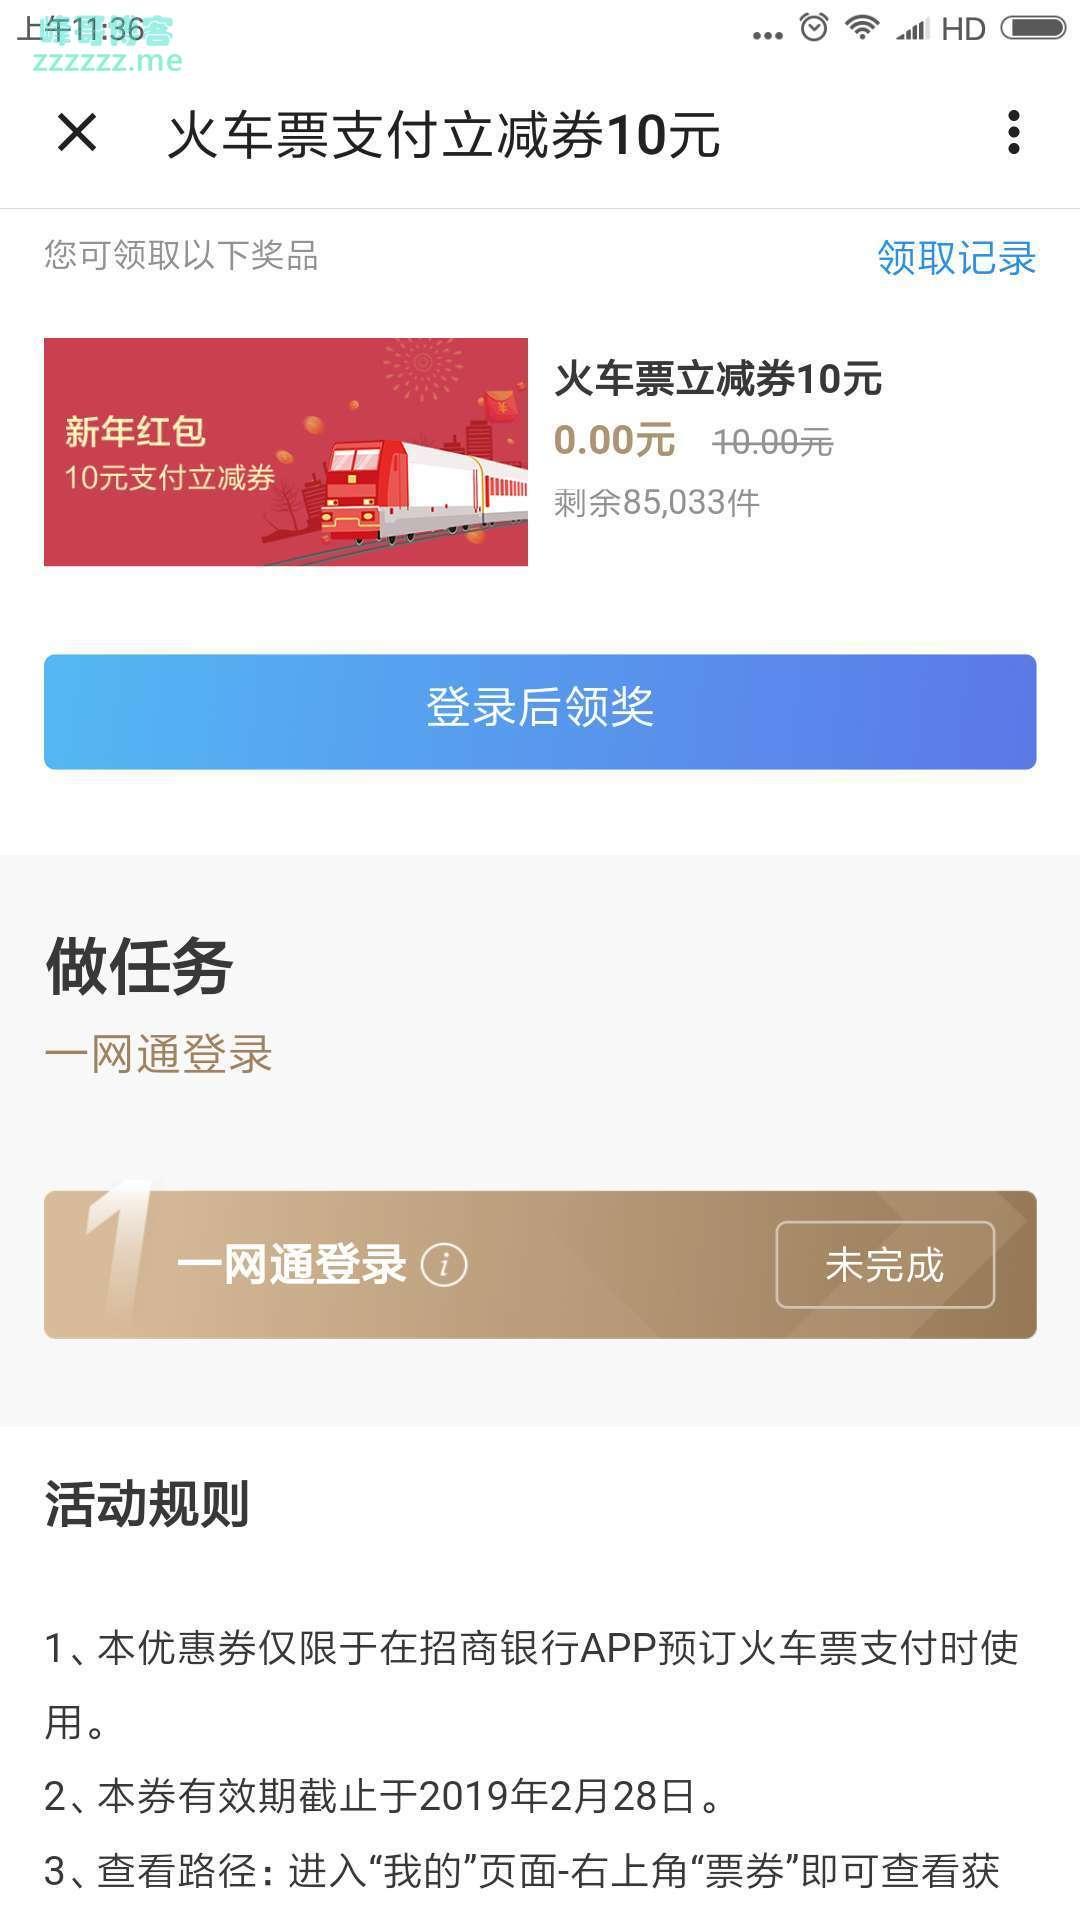 <招行>新年大礼包 火车票立减10元(截至不详)